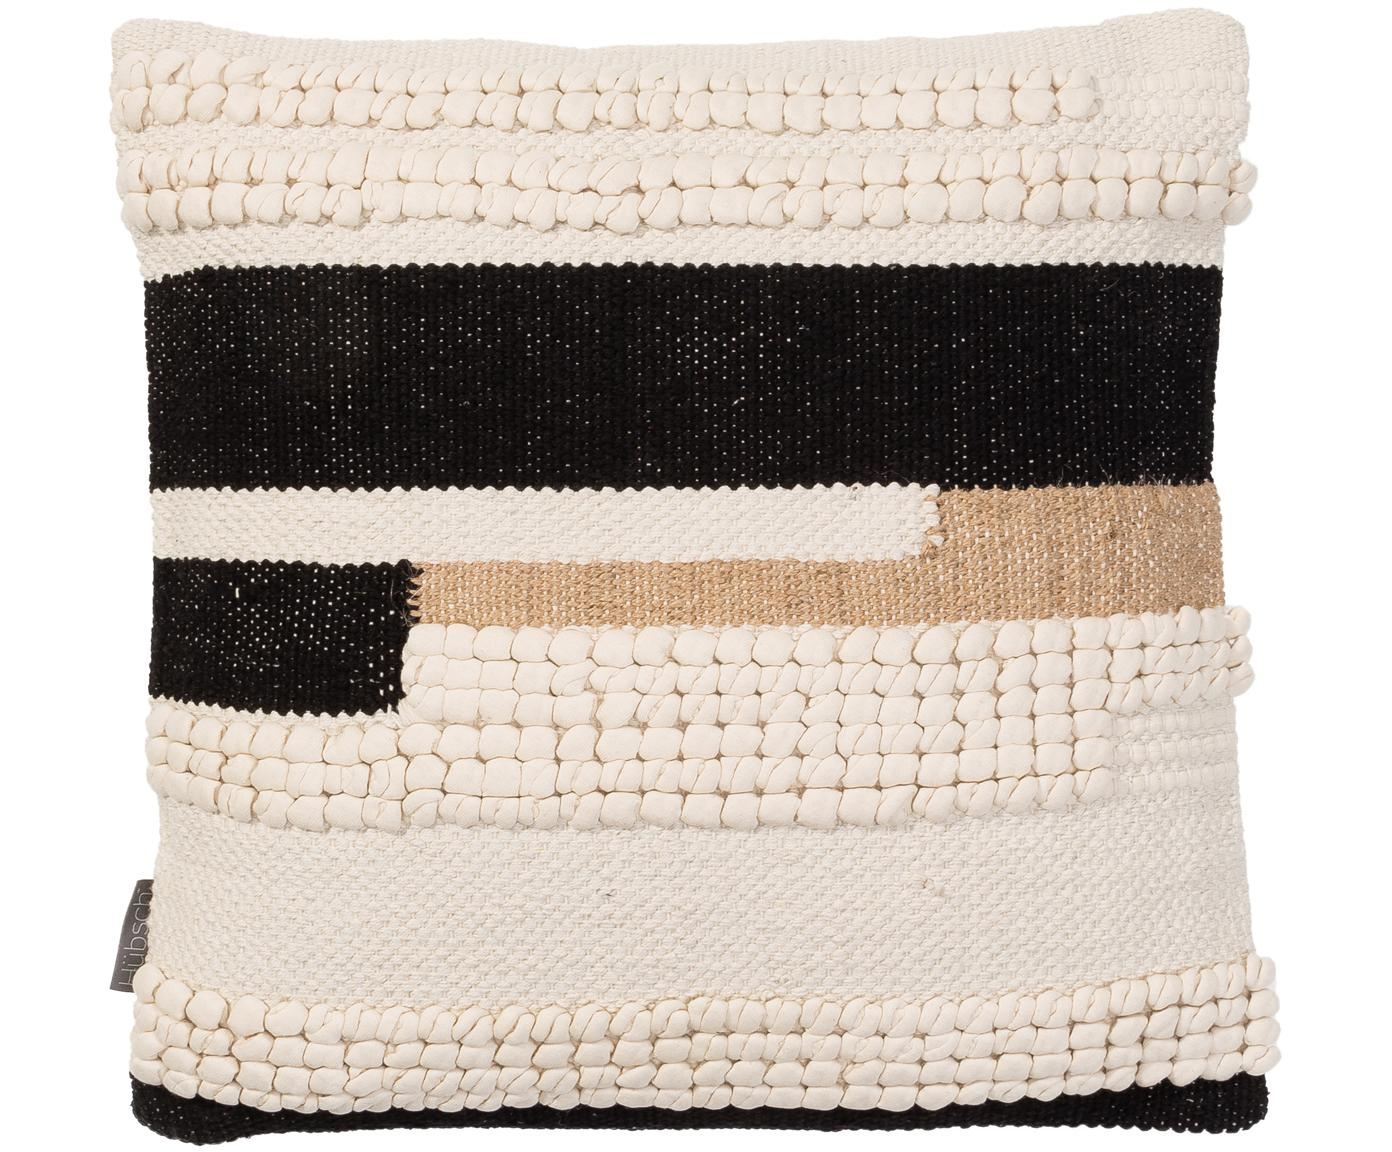 Federa Winti, 95% cotone, 5% poliestere, Crema, nero, marrone chiaro, Larg. 45 x Lung. 45 cm